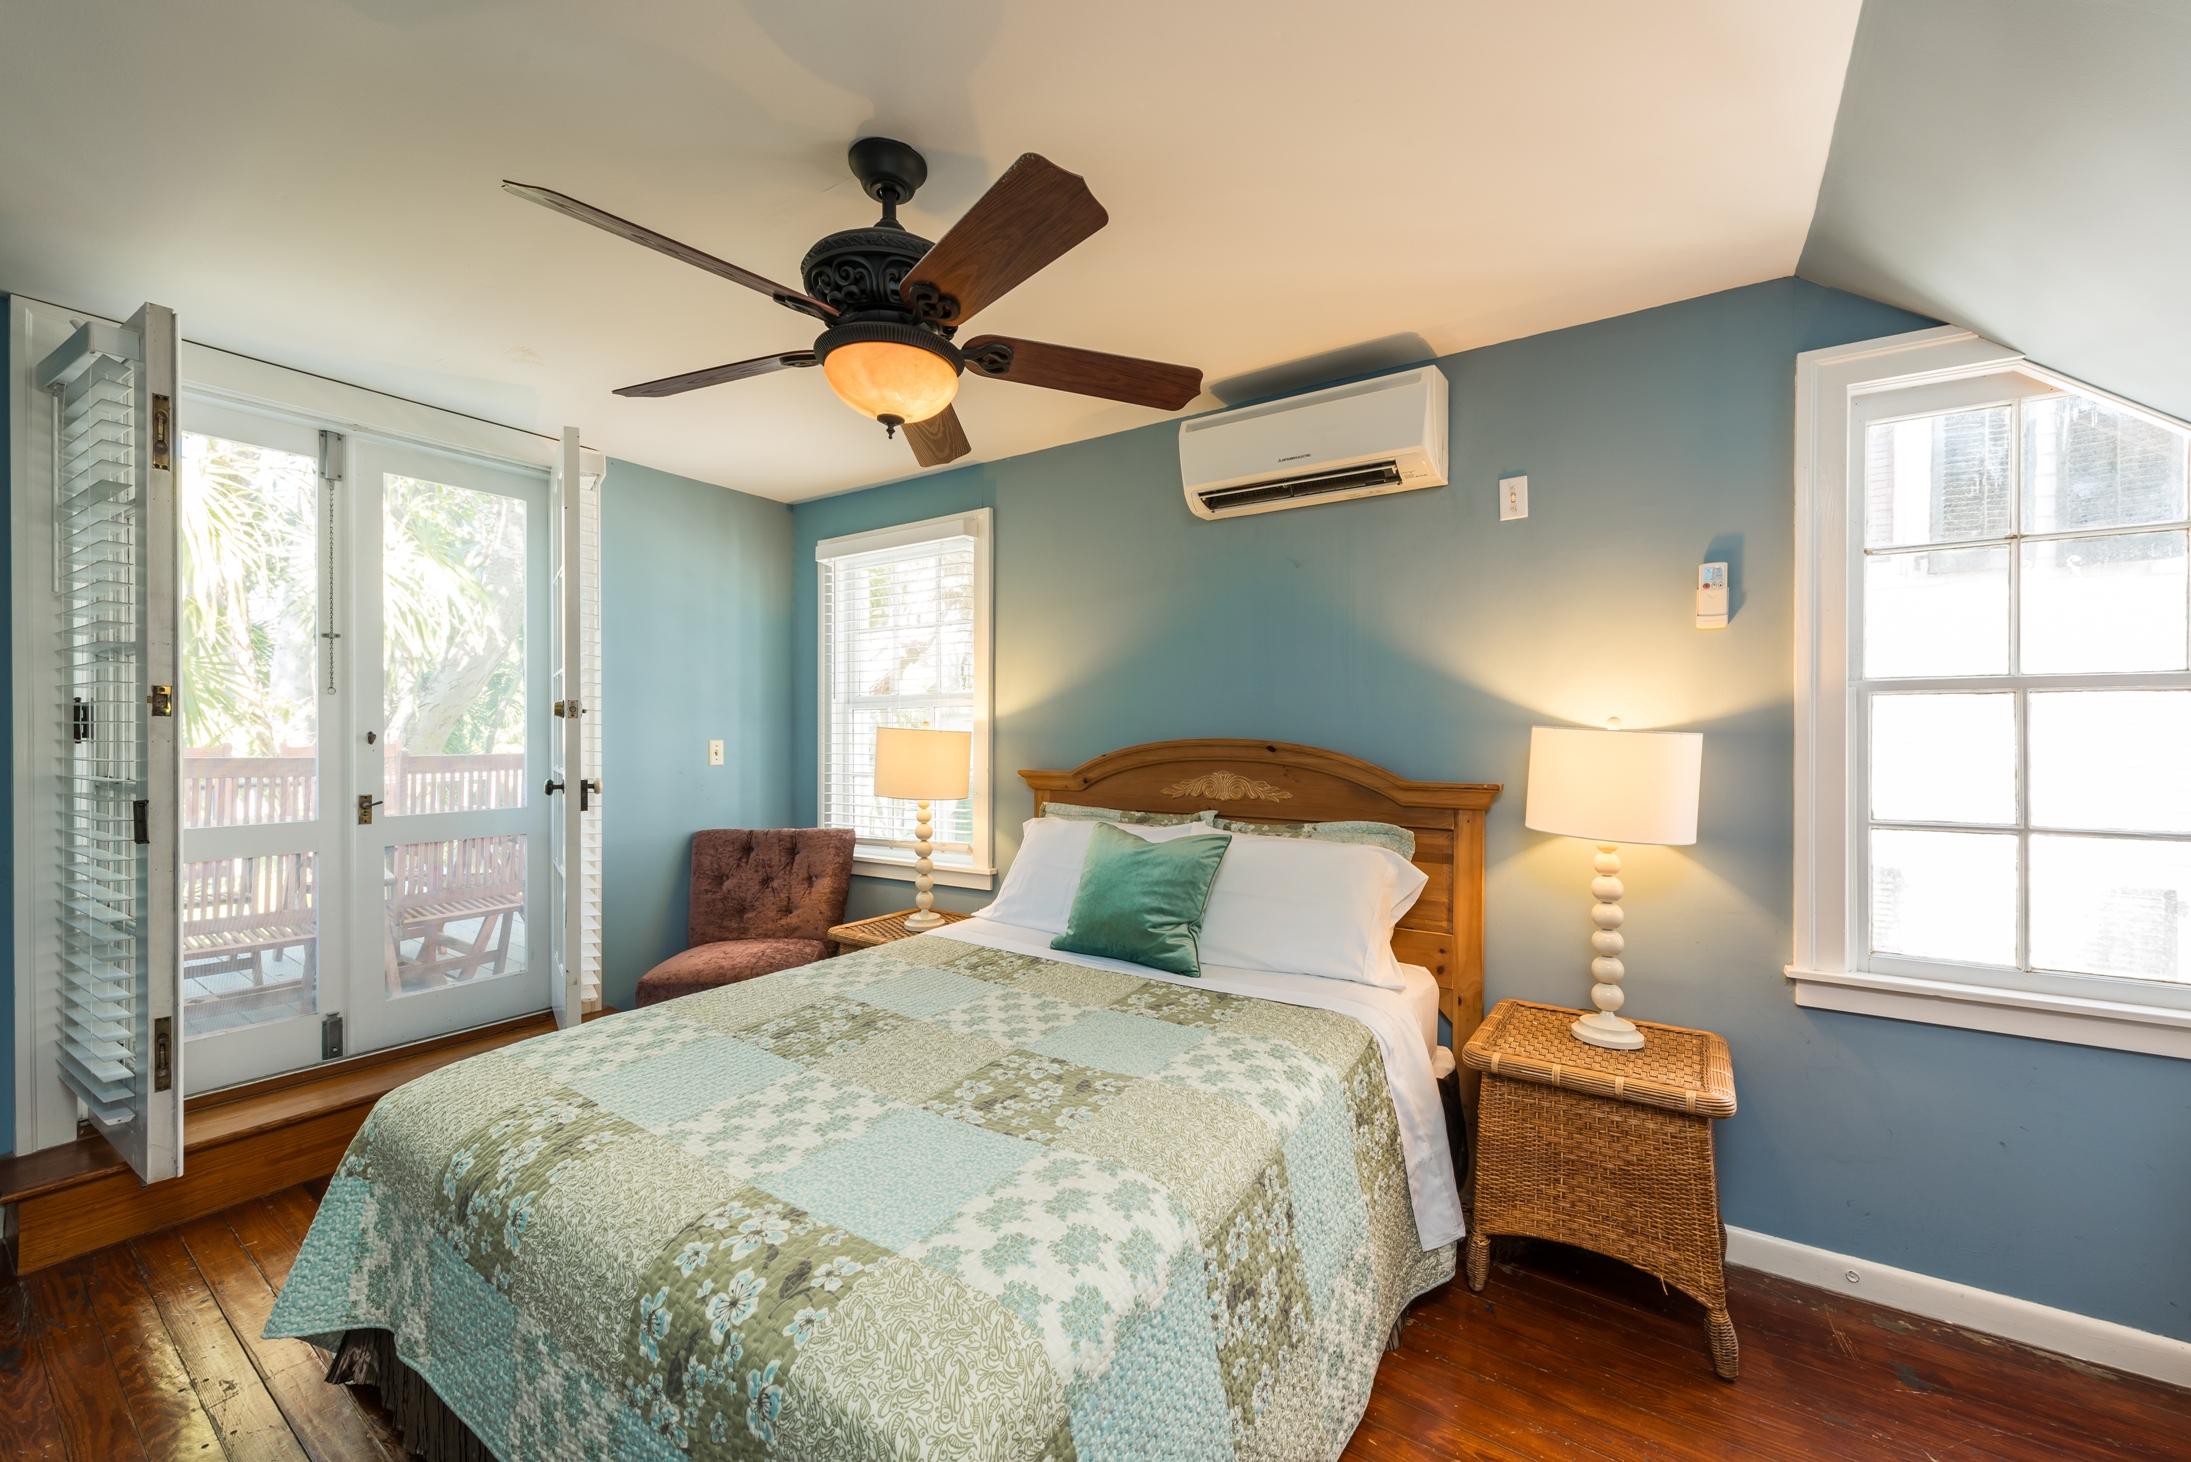 Key West Vacation Home - William Skelton House - Second Floor Queen Bedroom